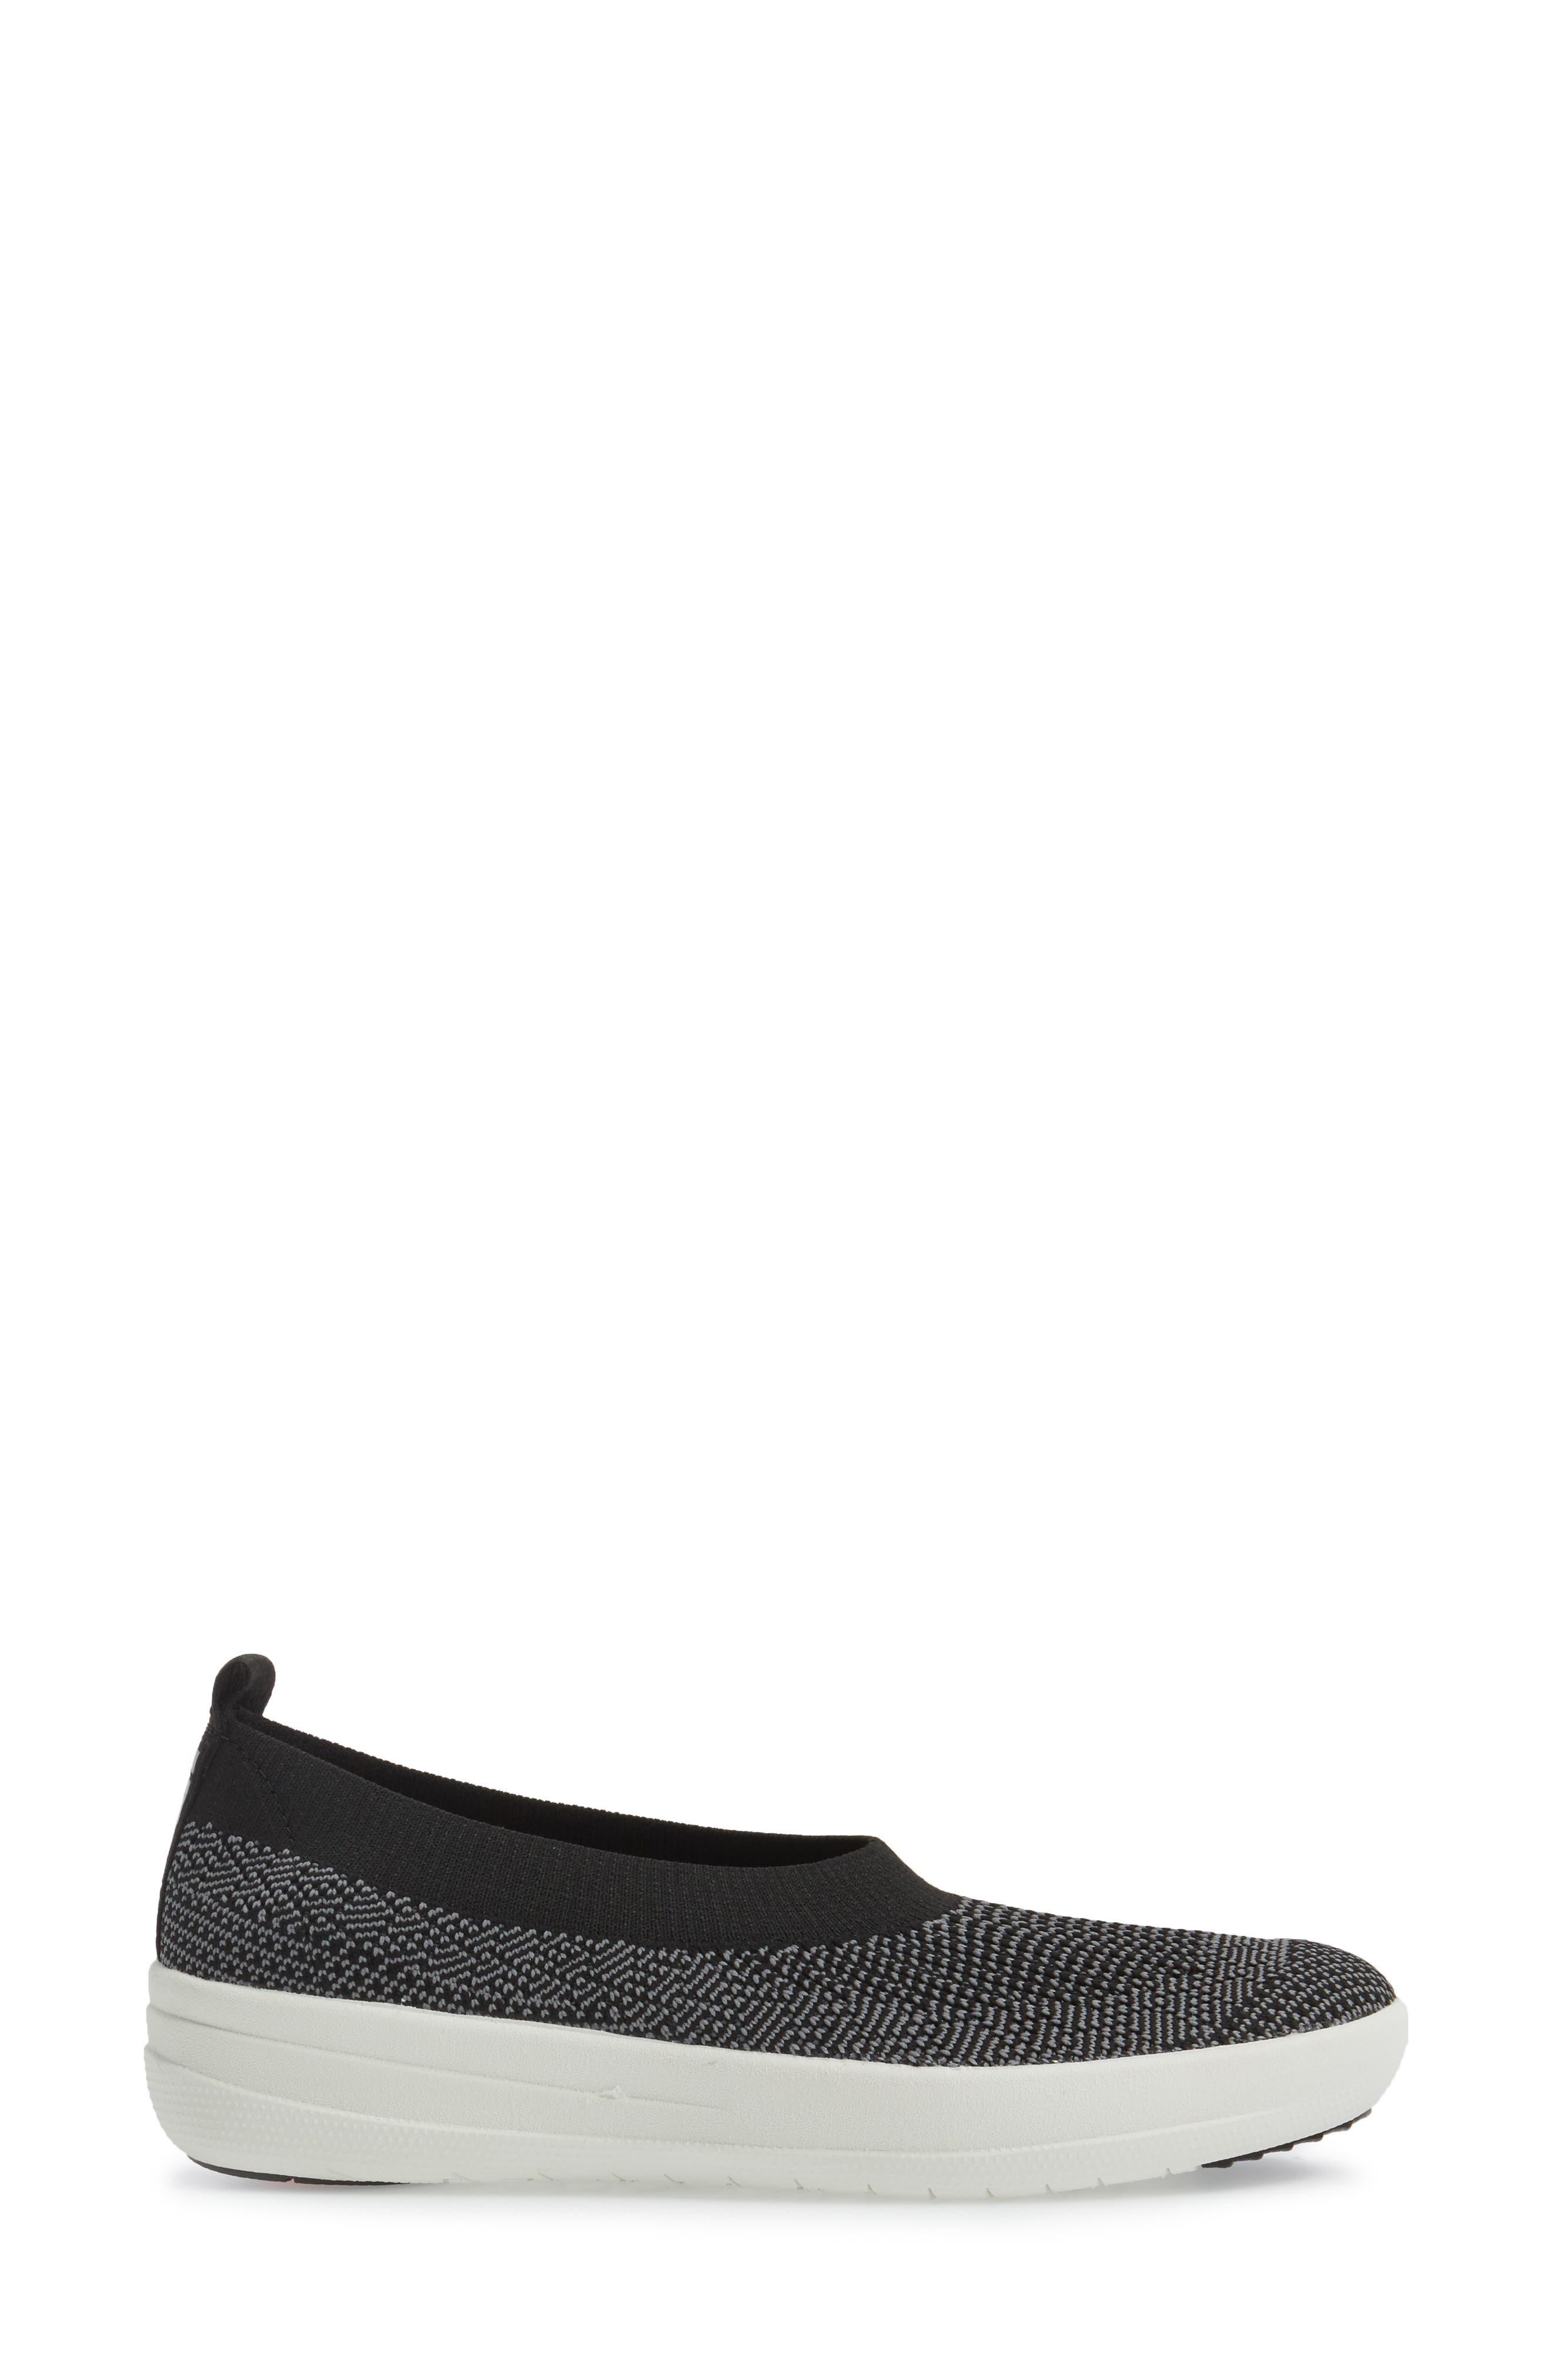 Uberknit Slip-On Sneaker,                             Alternate thumbnail 17, color,